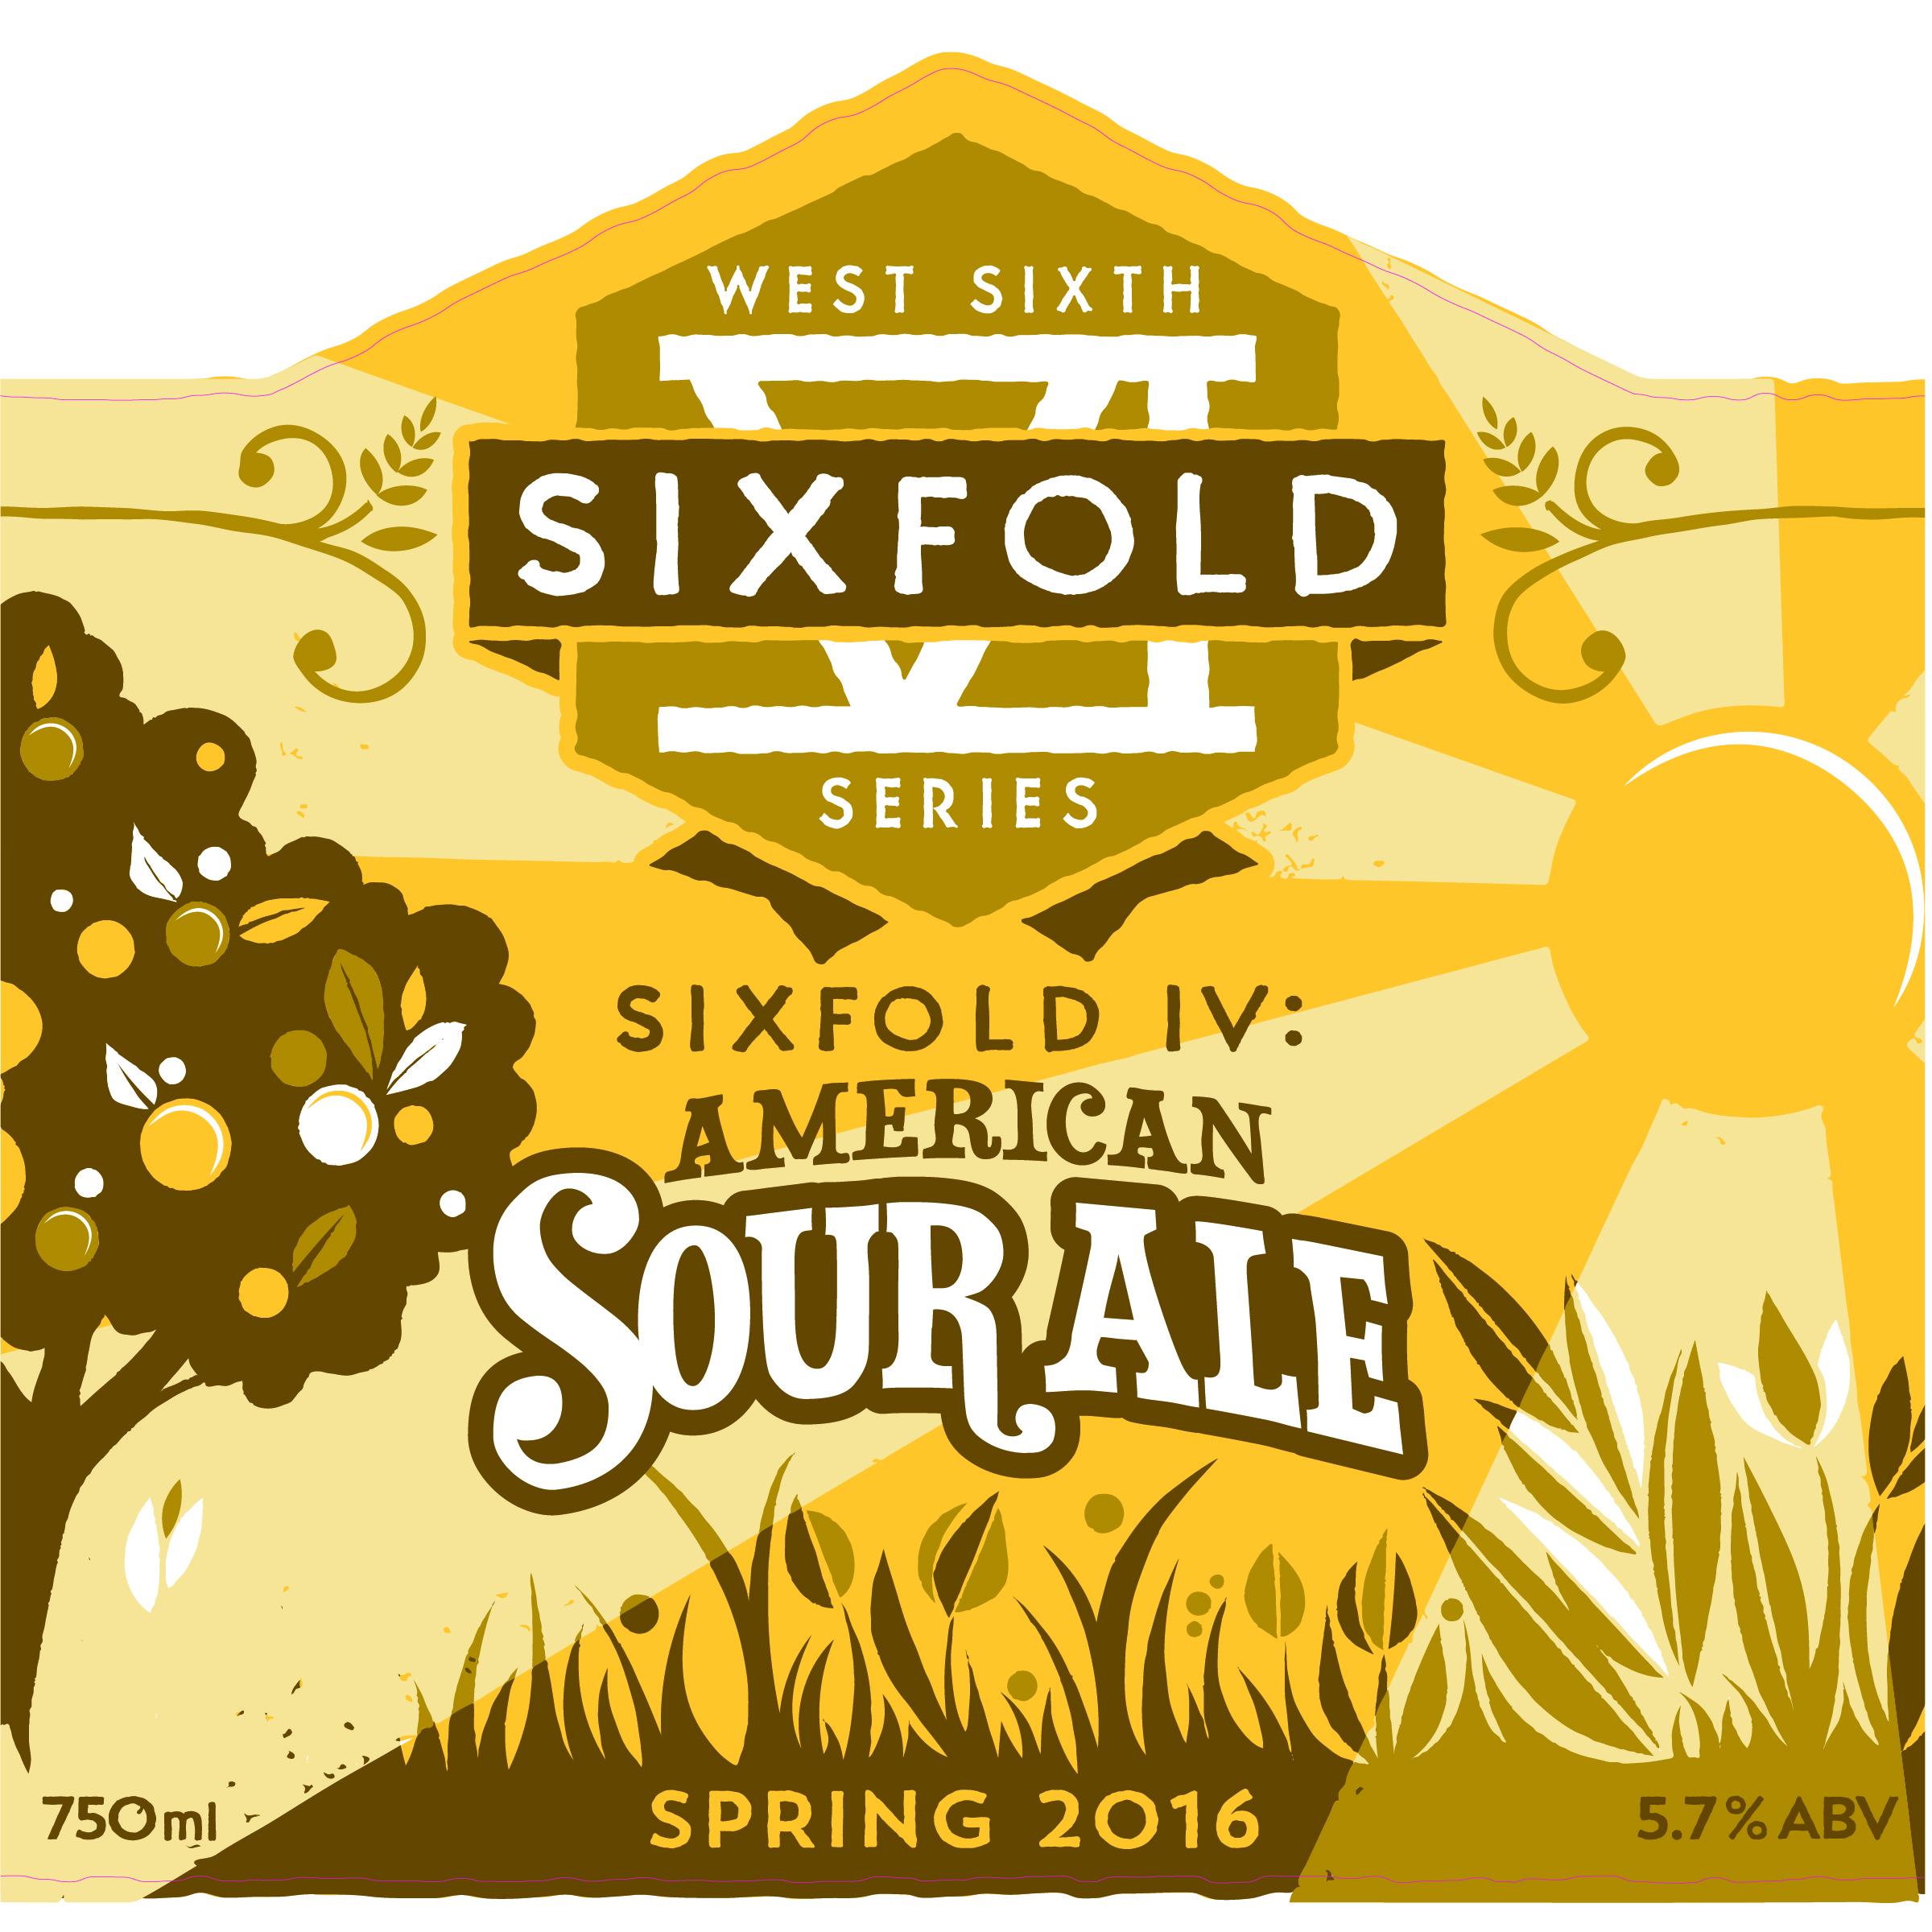 Website Bottle_Sixfold IV Wild Sour_Artboard 1.jpg